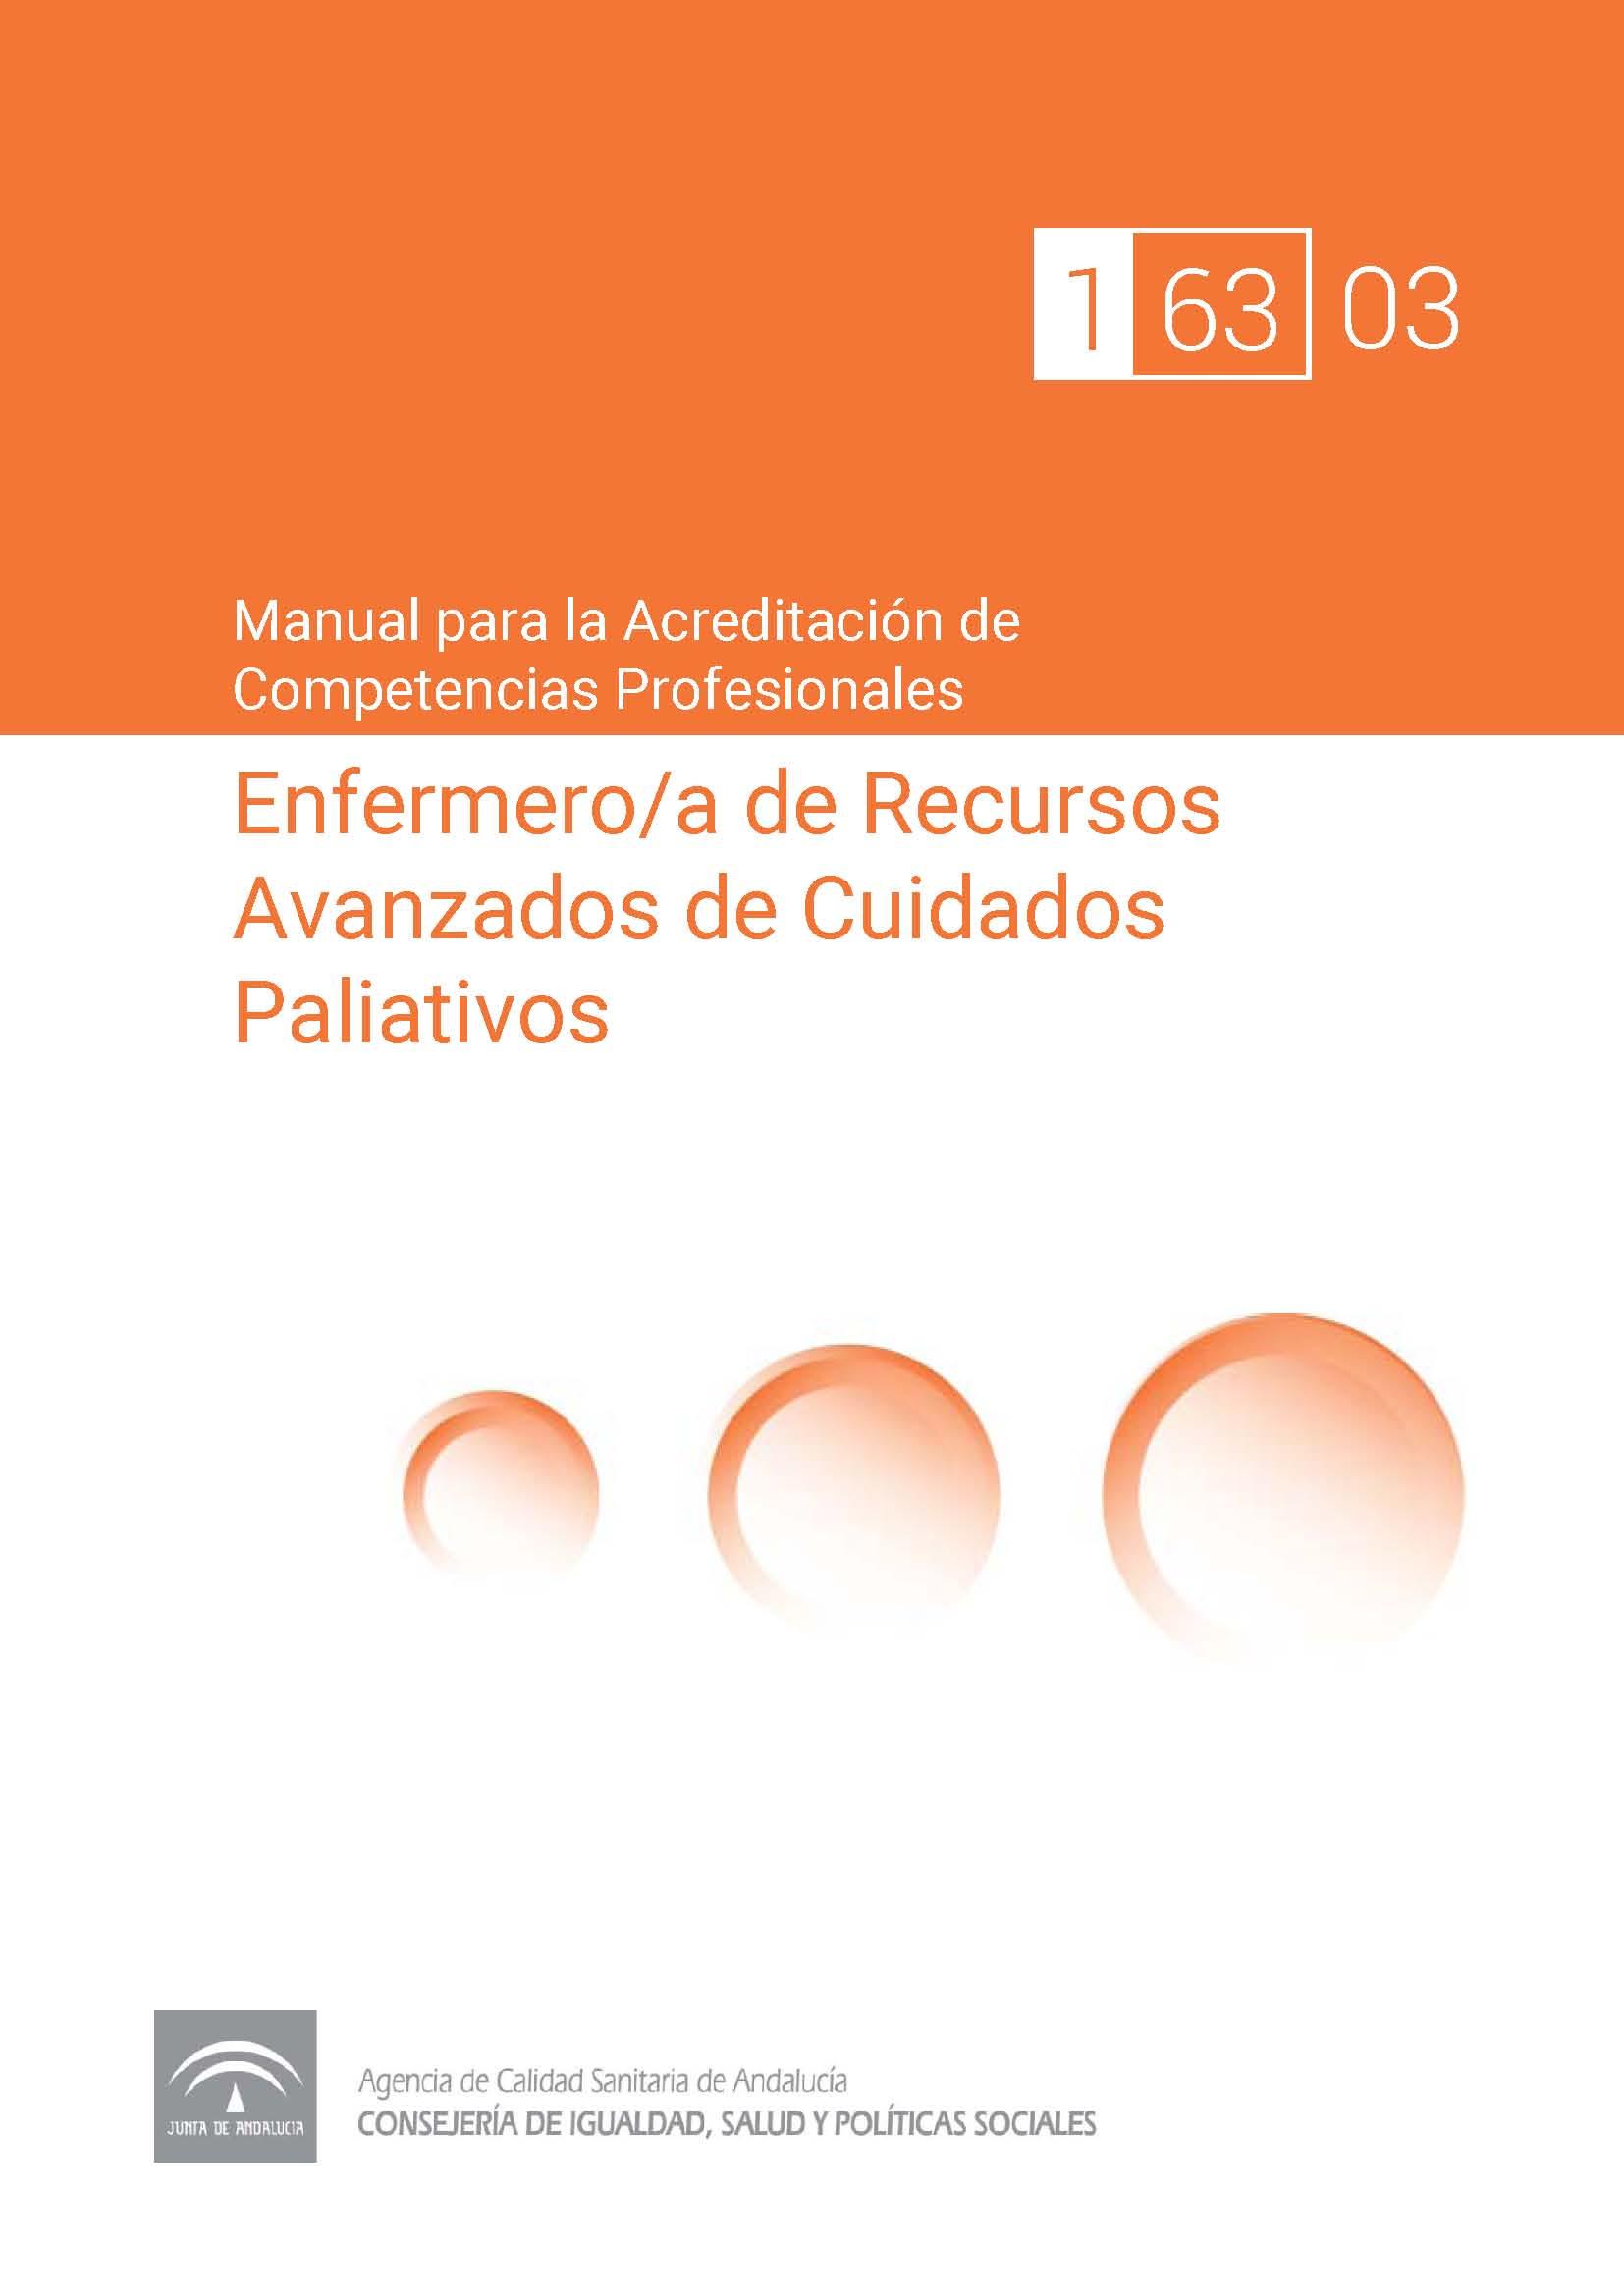 Manual de competencias profesionales del/de la Enfermero/a de Recursos Avanzados de Cuidados Paliativos